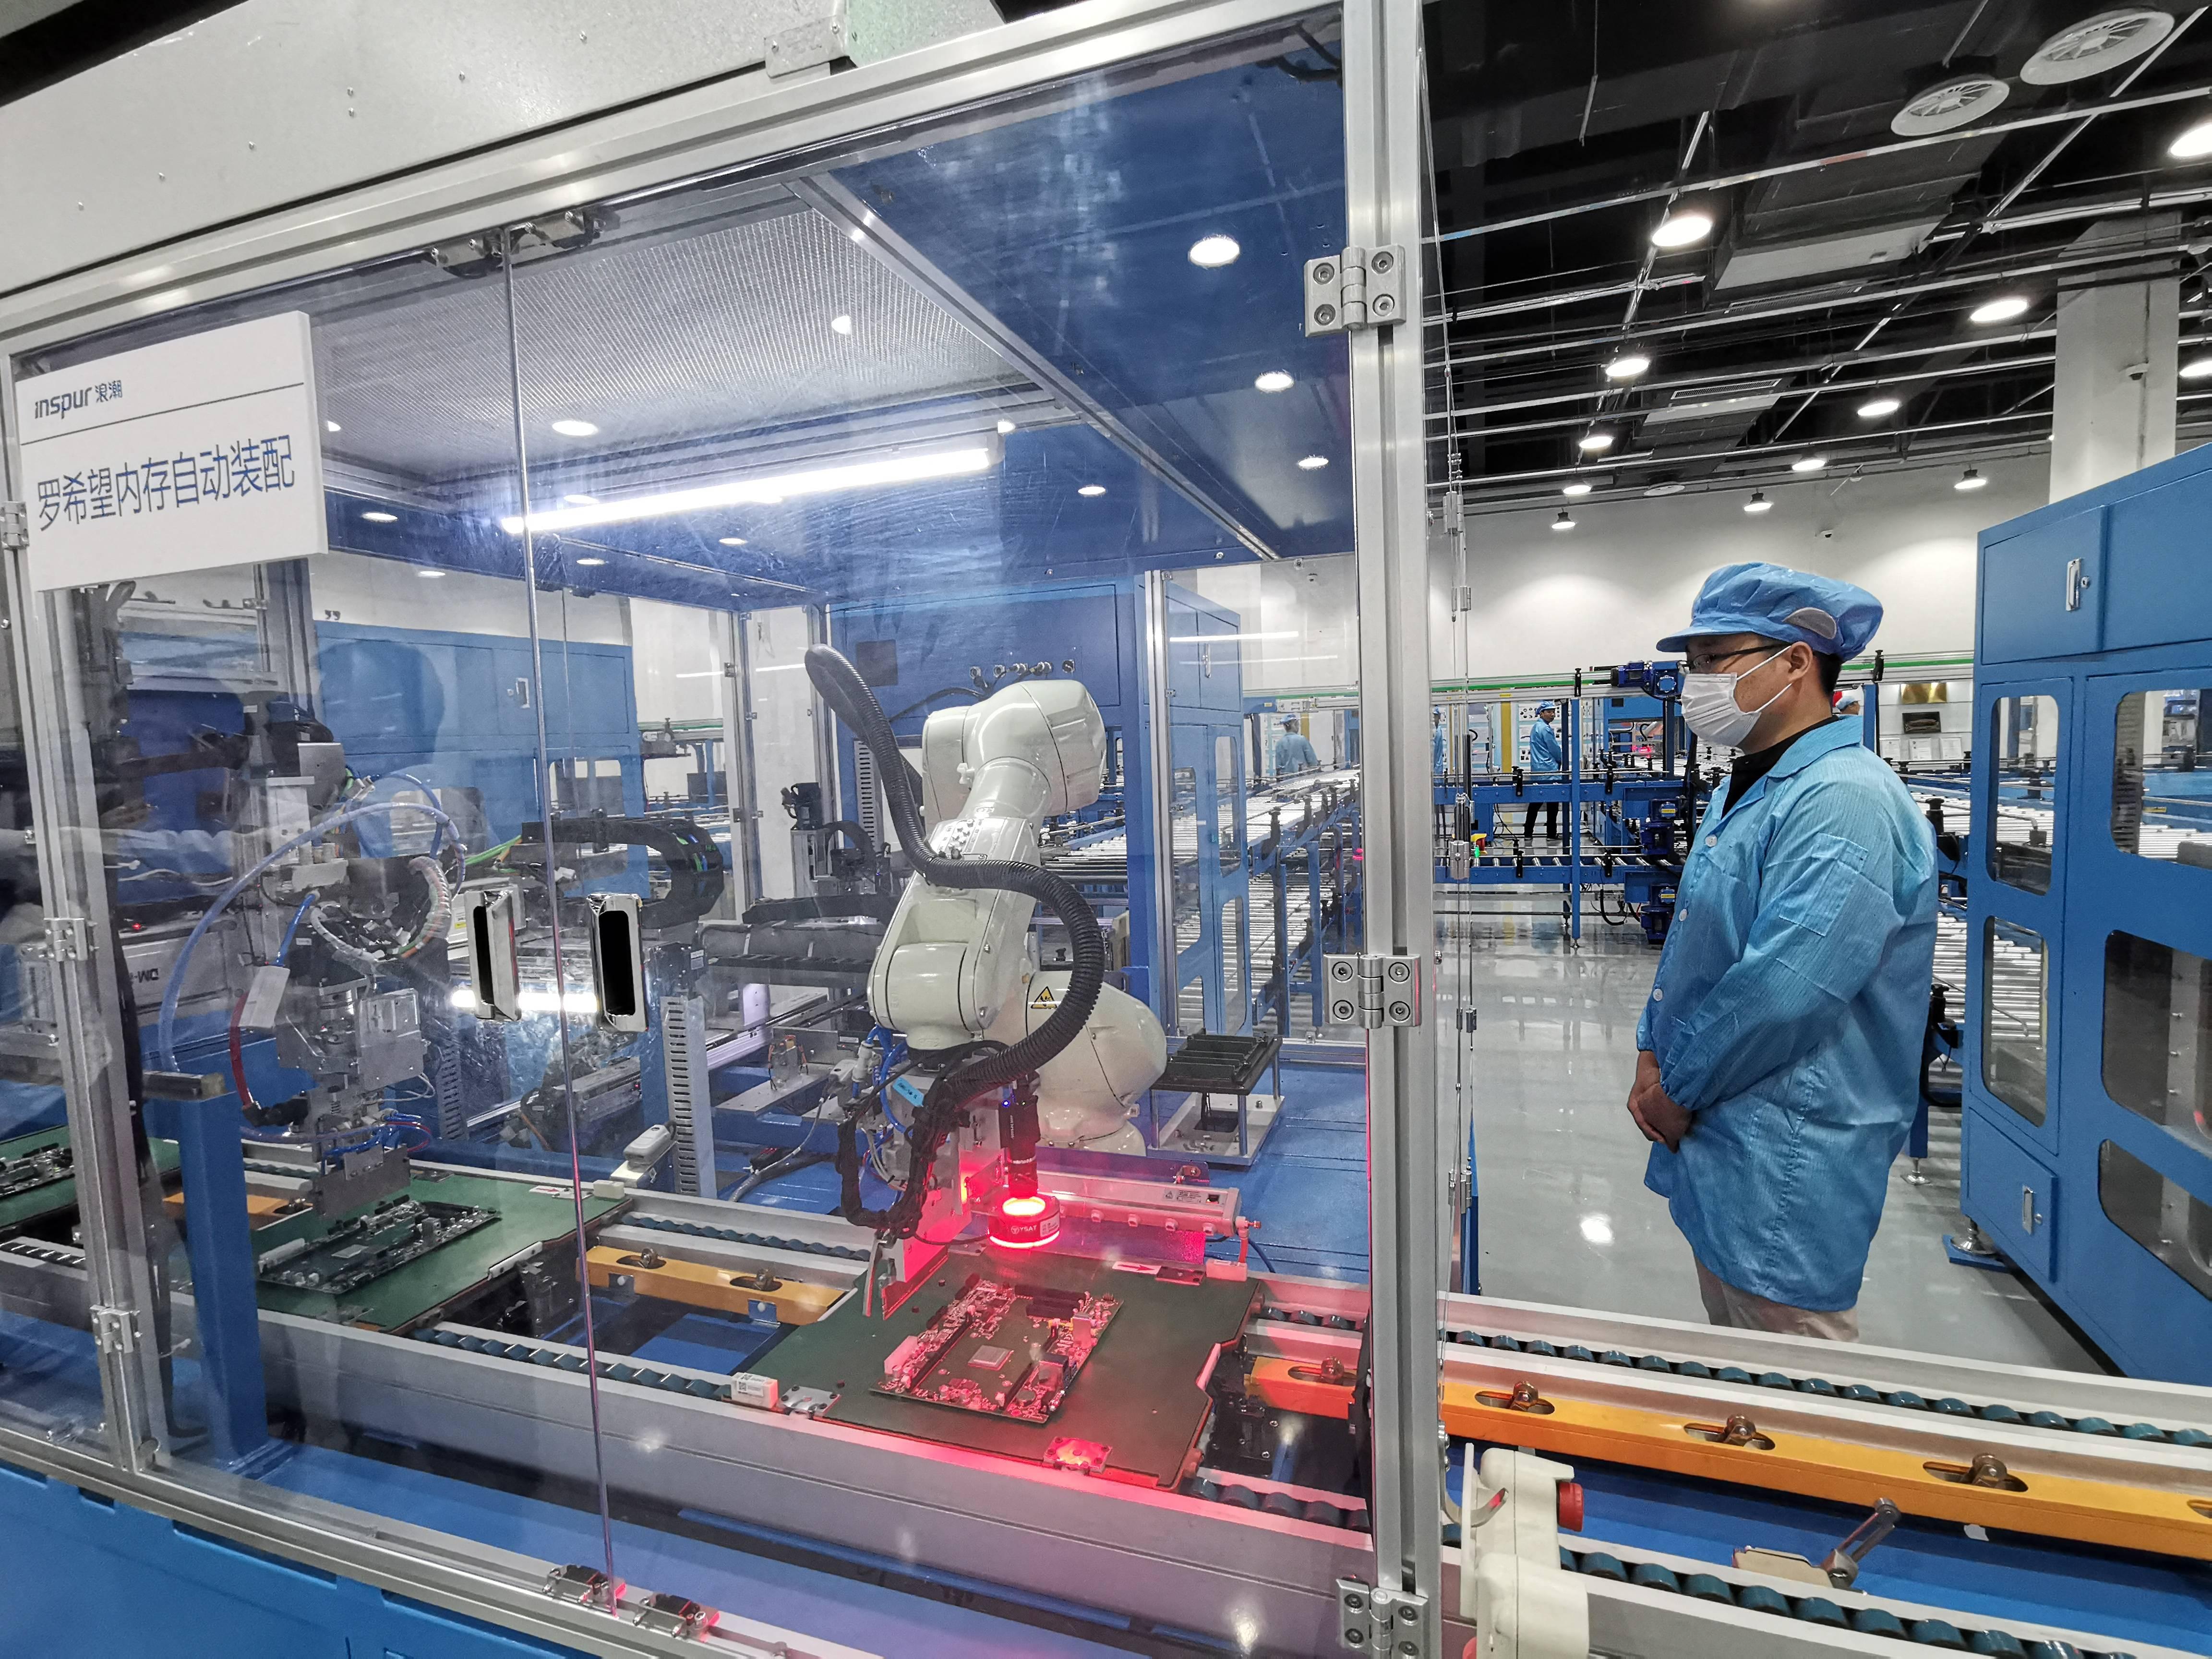 全国产化服务器、PC生产!浪潮新一代智能制造生产基地正式投产